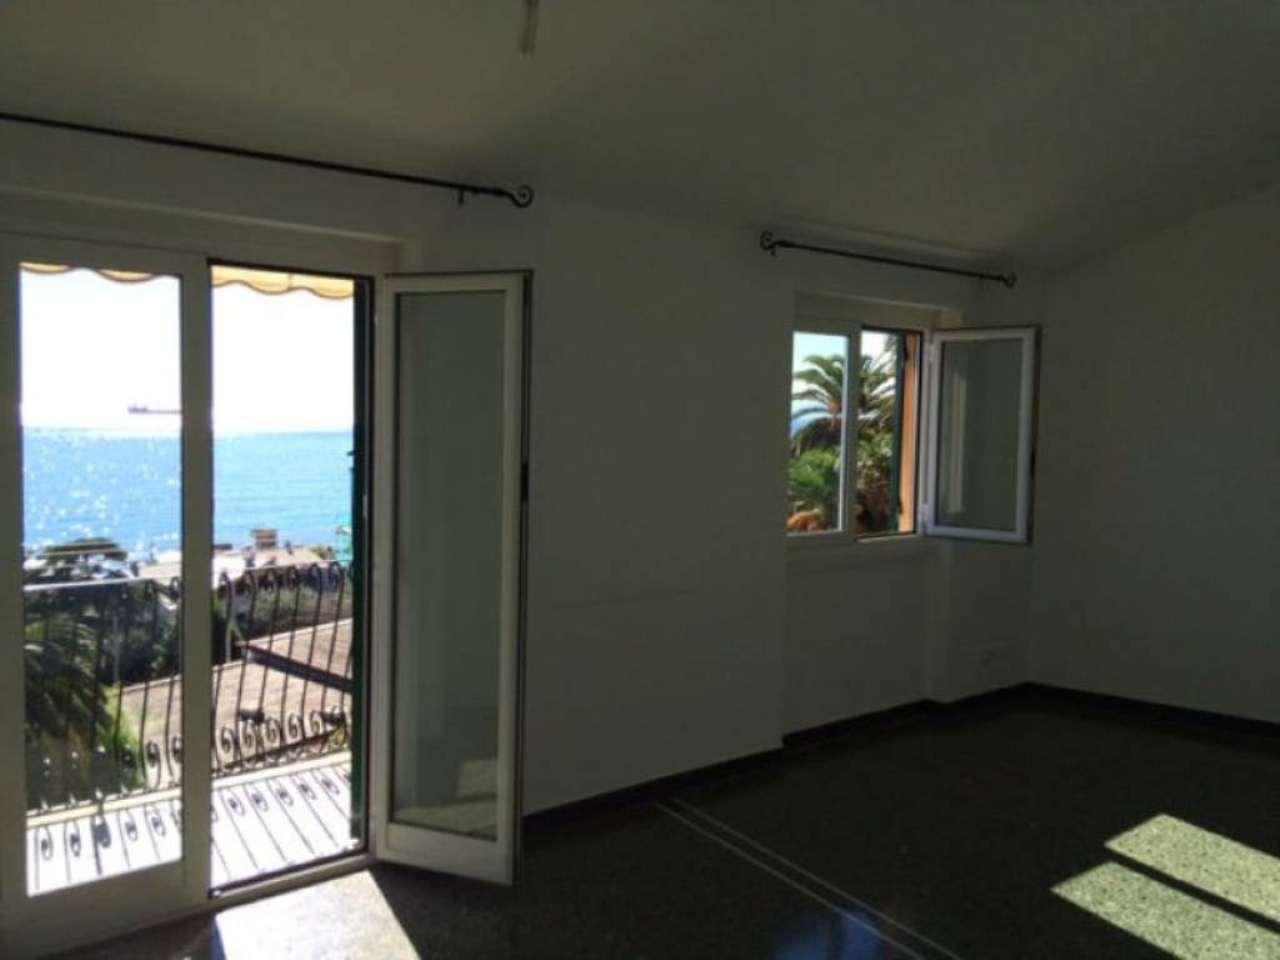 Attico / Mansarda in affitto a Bogliasco, 6 locali, prezzo € 700 | Cambio Casa.it